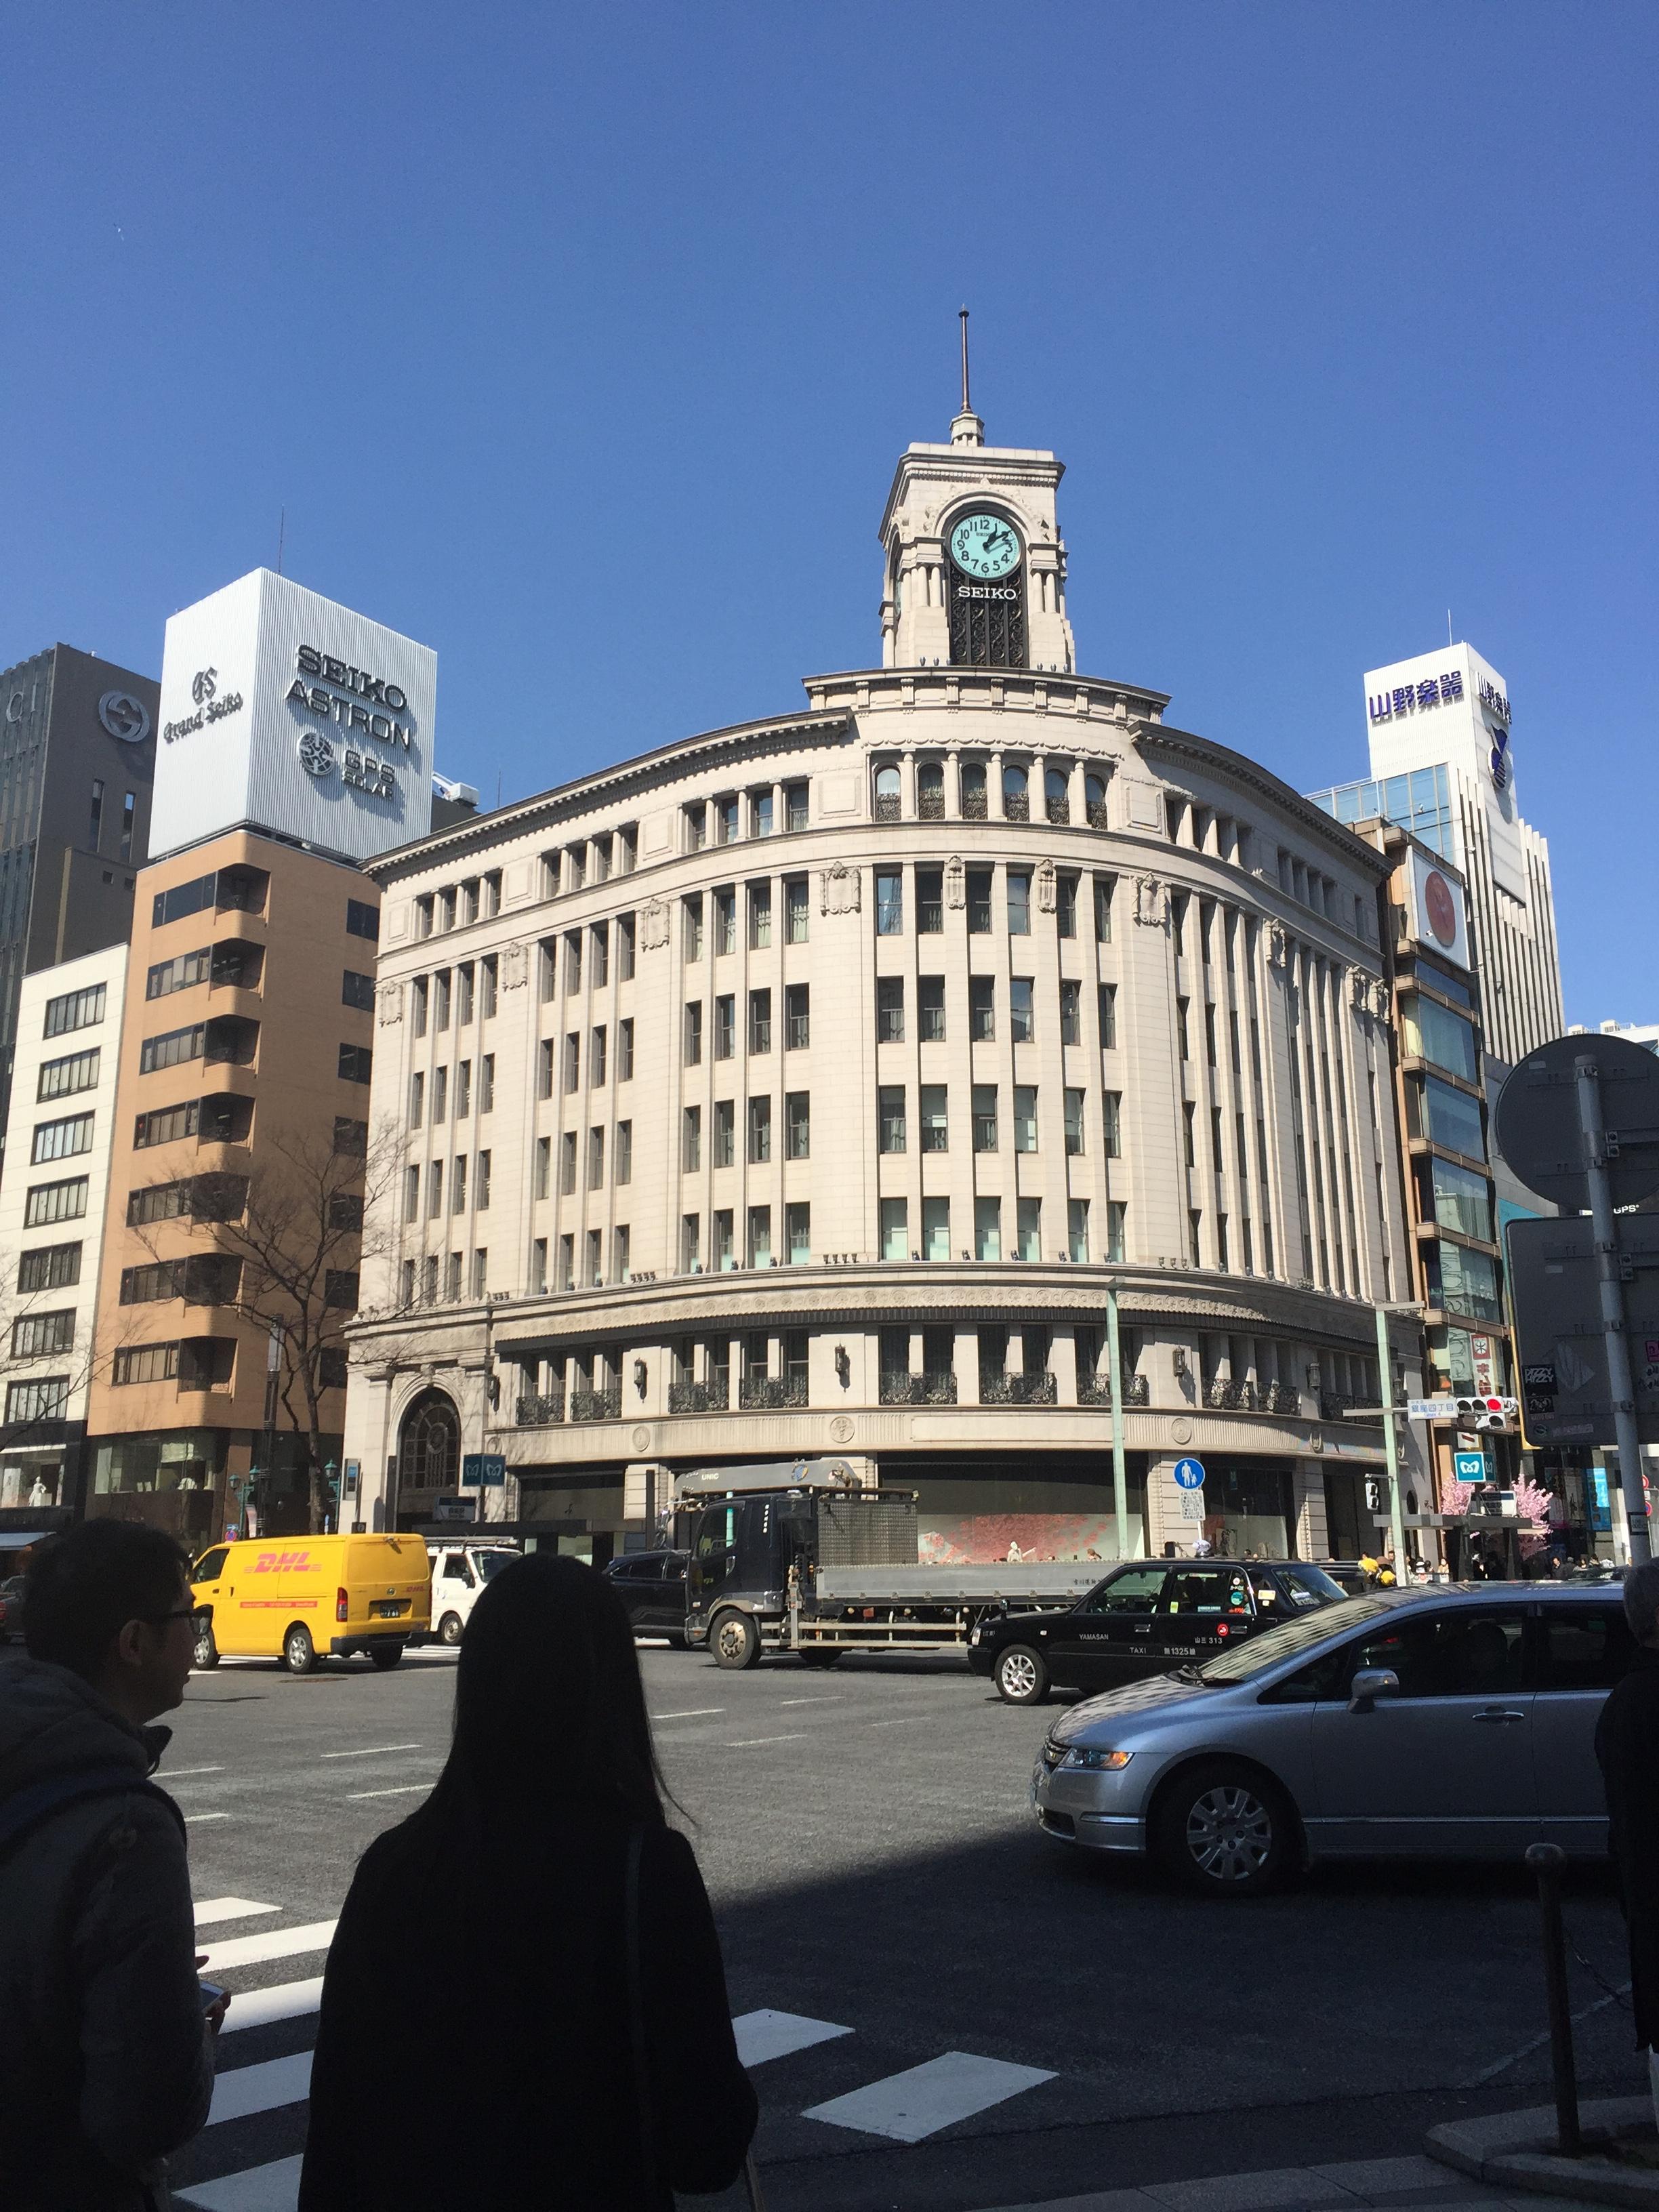 抜けるような青空とはこのことヽ(^。^)ノ